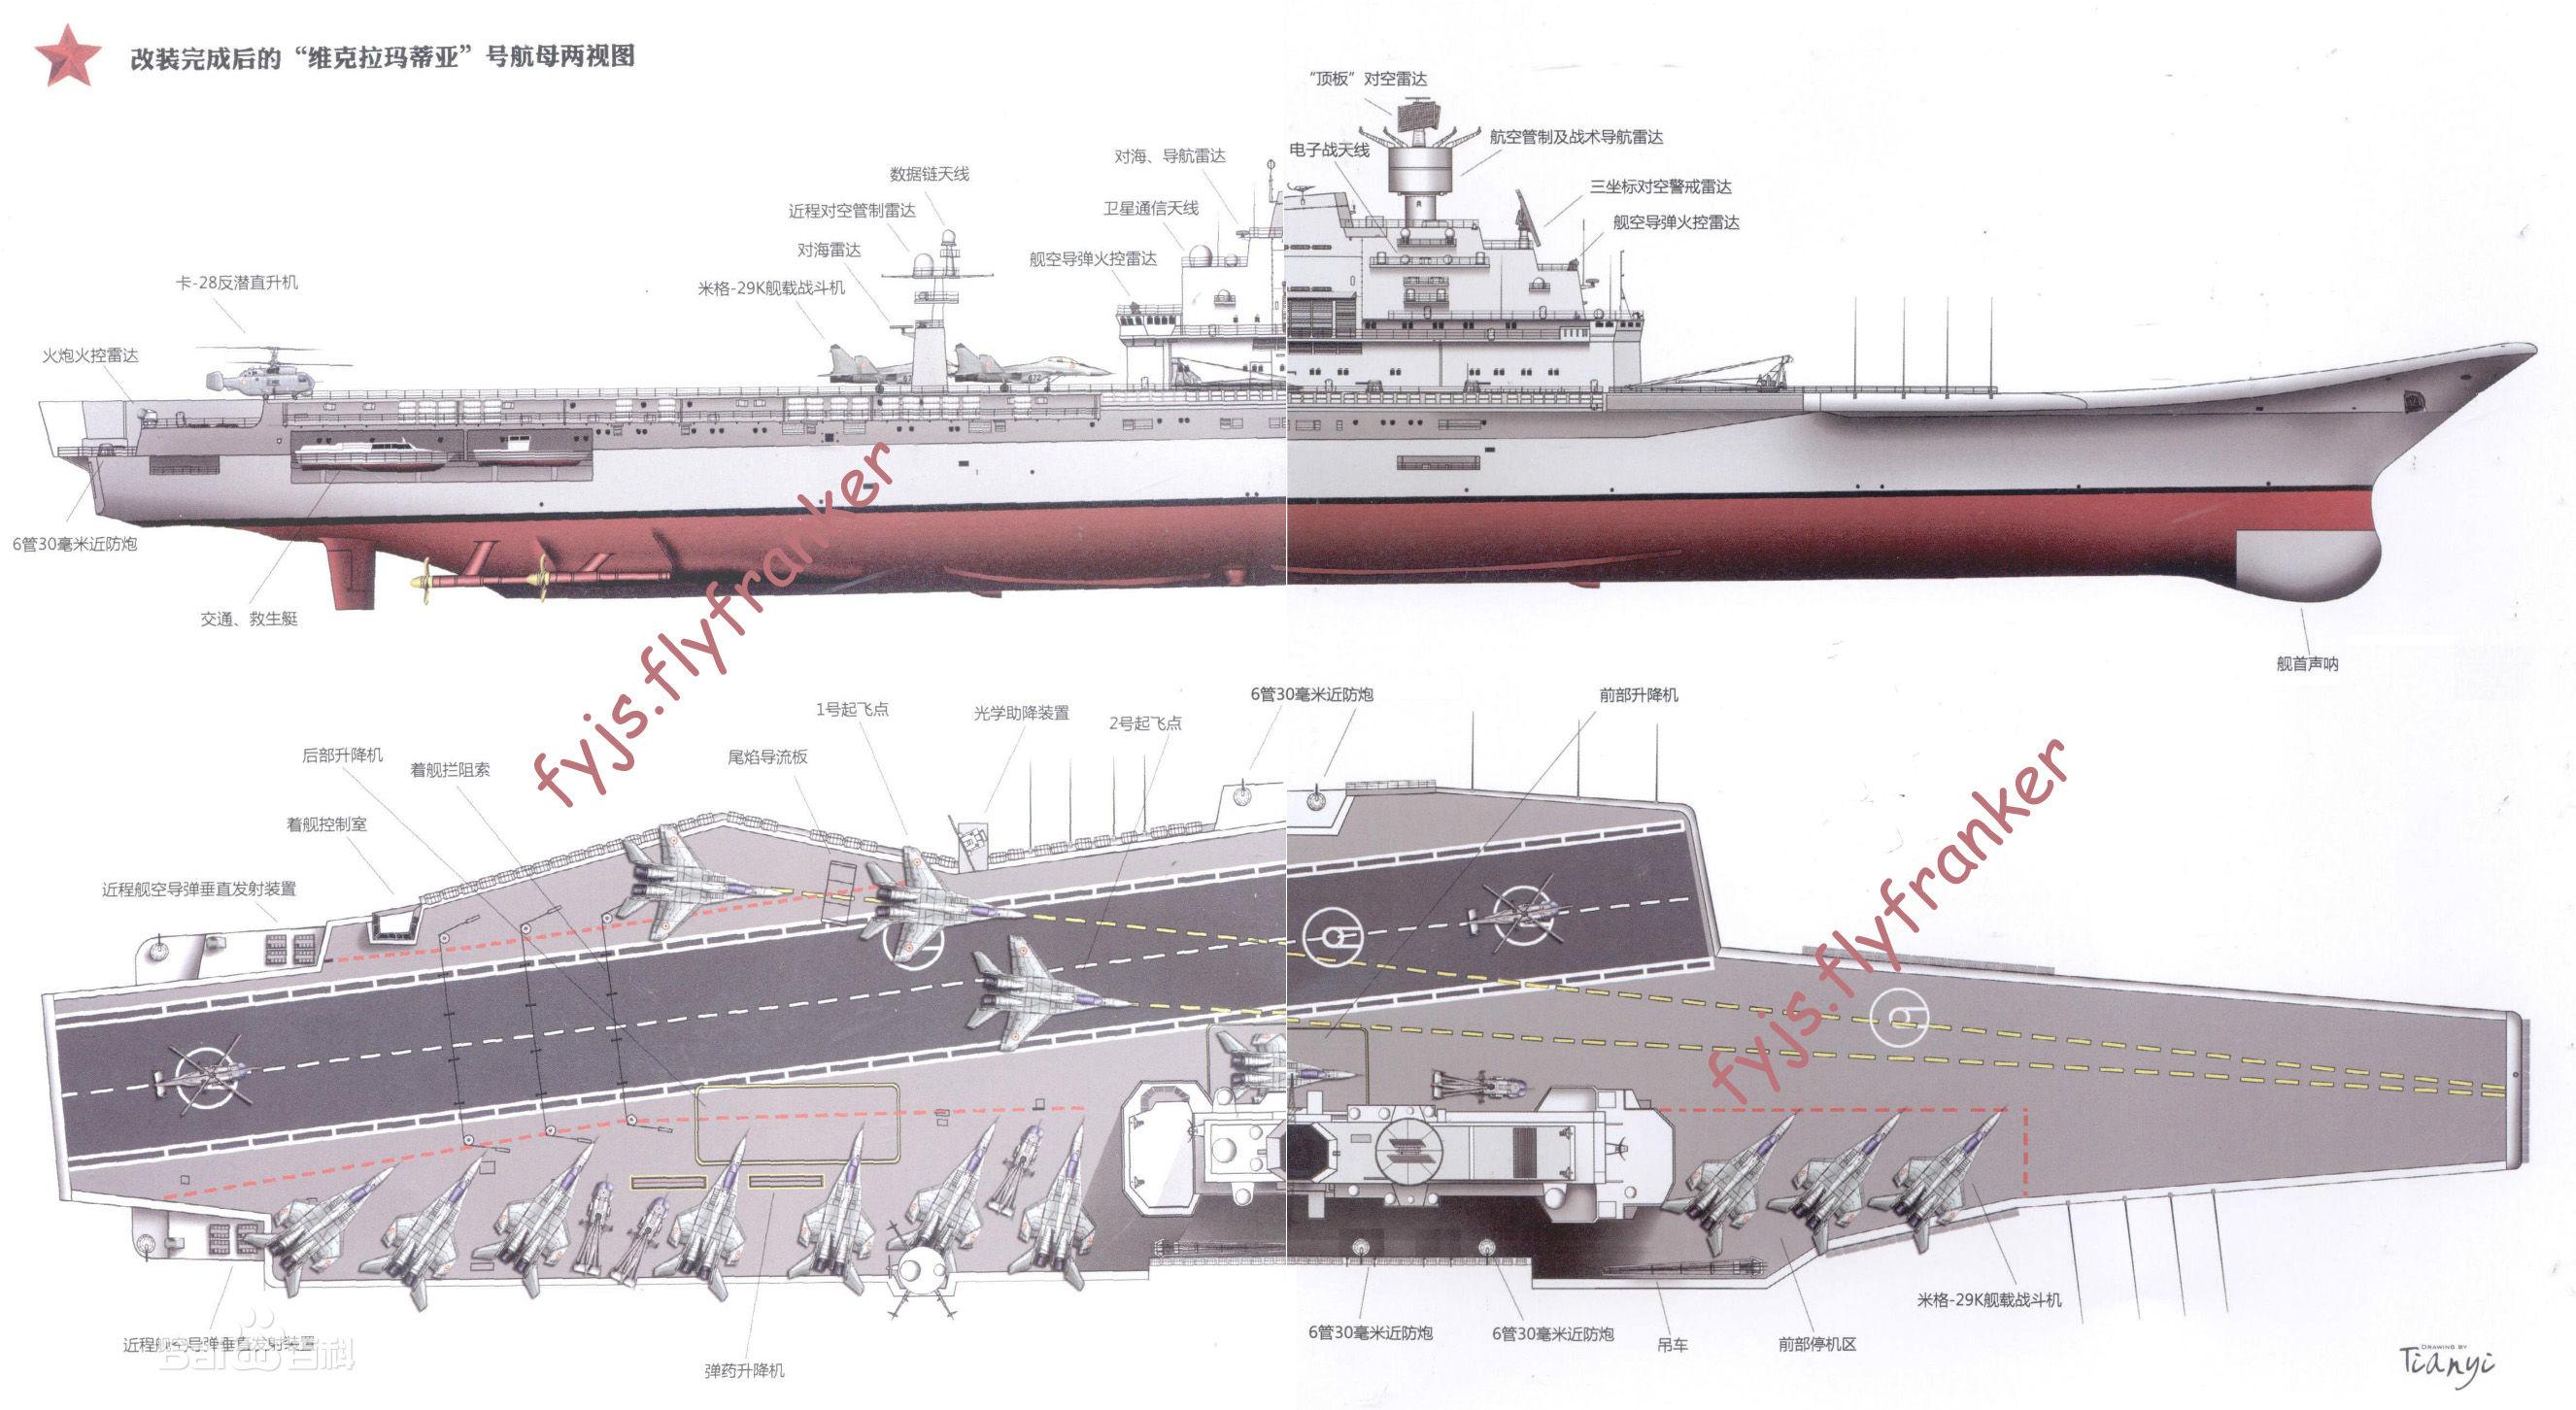 印度维克拉玛蒂亚号_印度维克拉玛蒂亚号航母的舰岛位置怎么这么靠中间?太不合理 ...